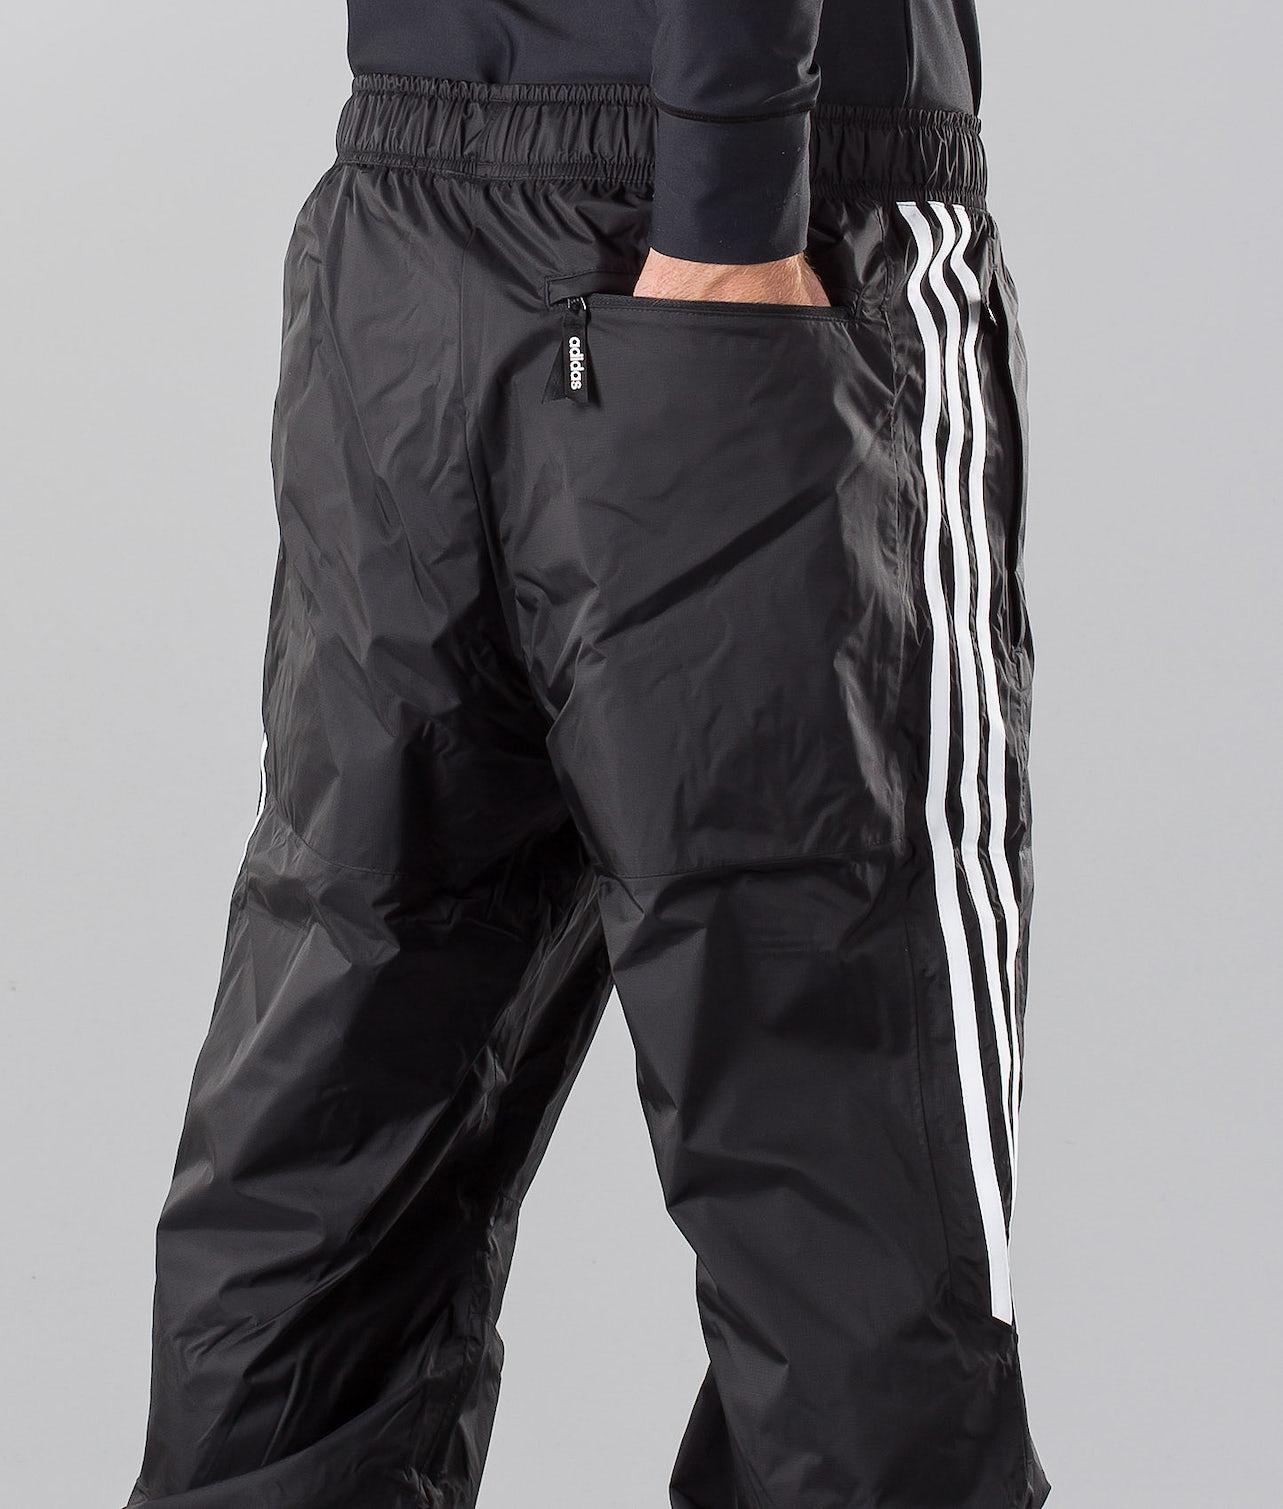 Slop Track   Achète des Pantalon de Snowboard de chez Adidas Snowboarding sur Ridestore.fr   Bien-sûr, les frais de ports sont offerts et les retours gratuits pendant 30 jours !